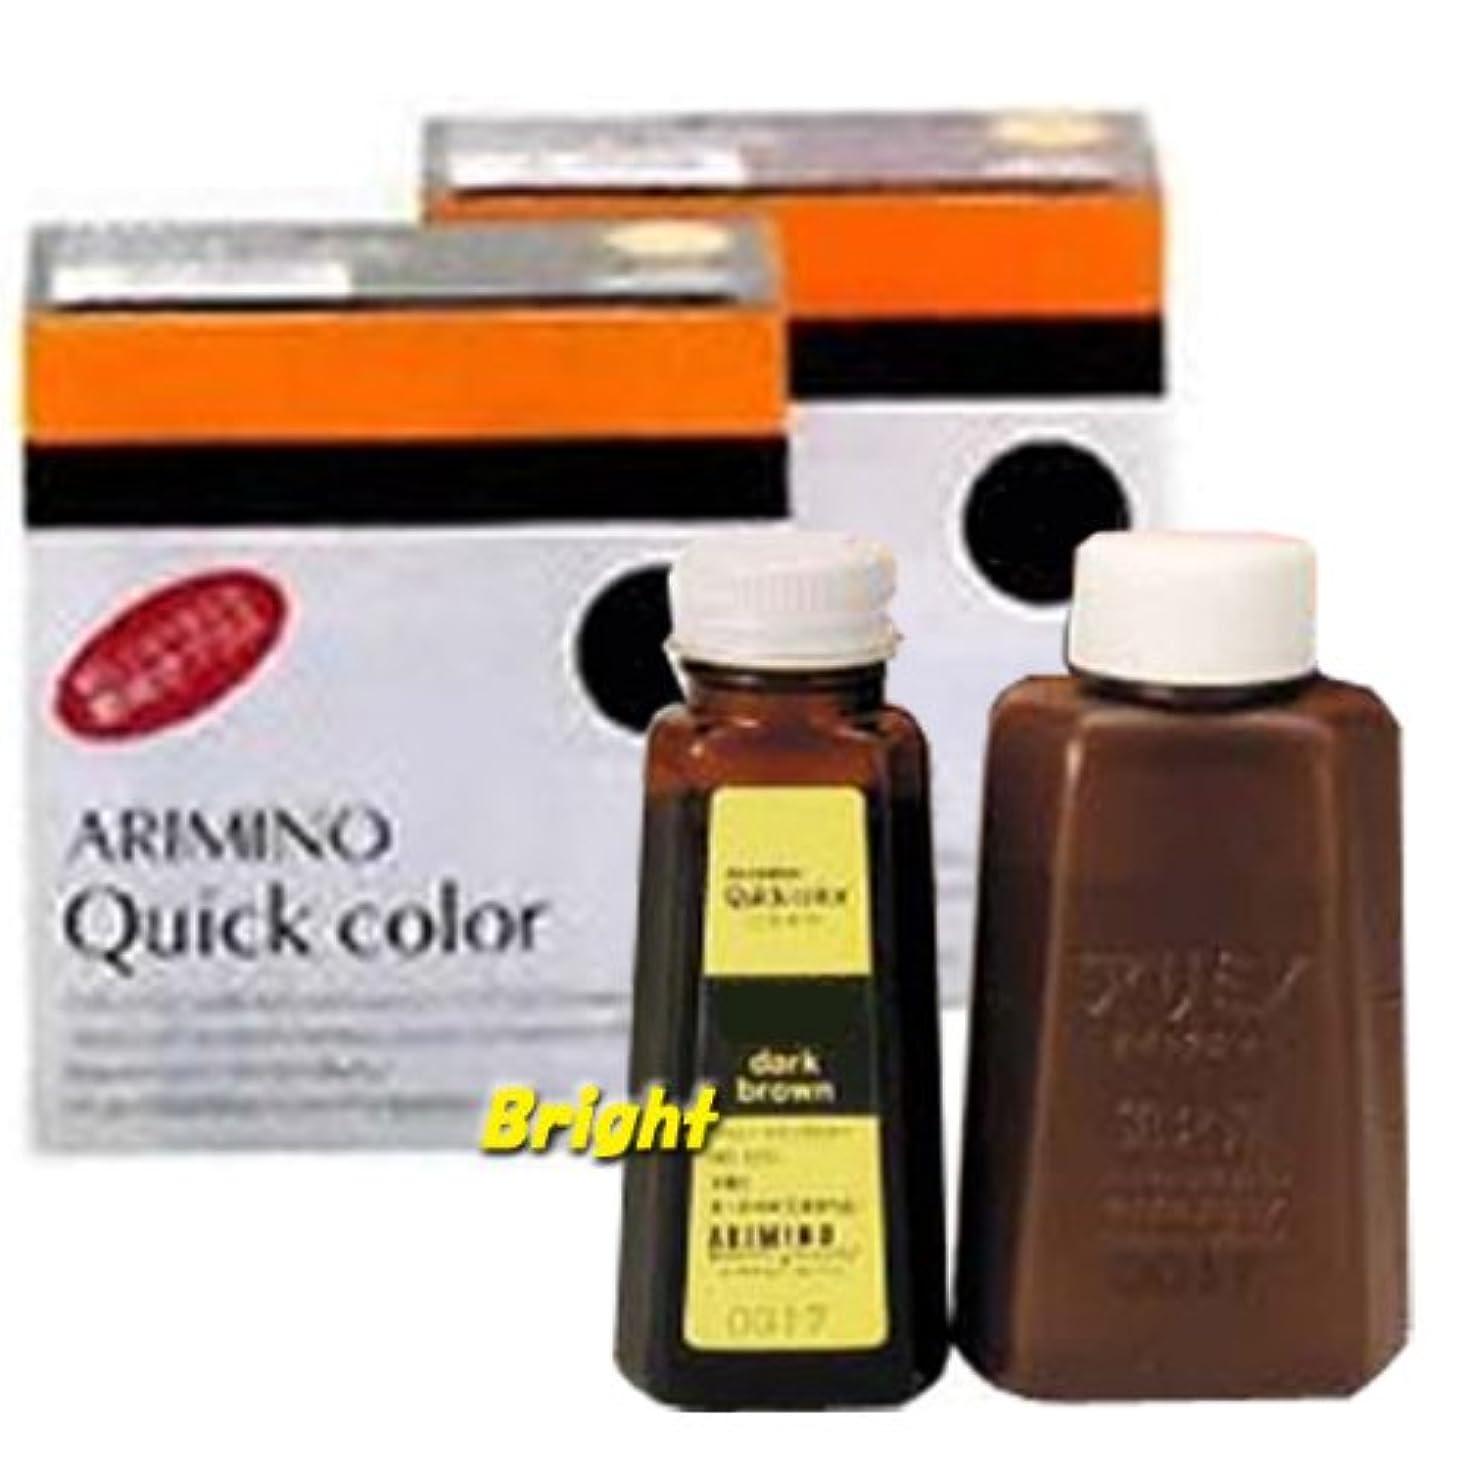 突然の有彩色の環境に優しいアリミノ クイックカラー #400A